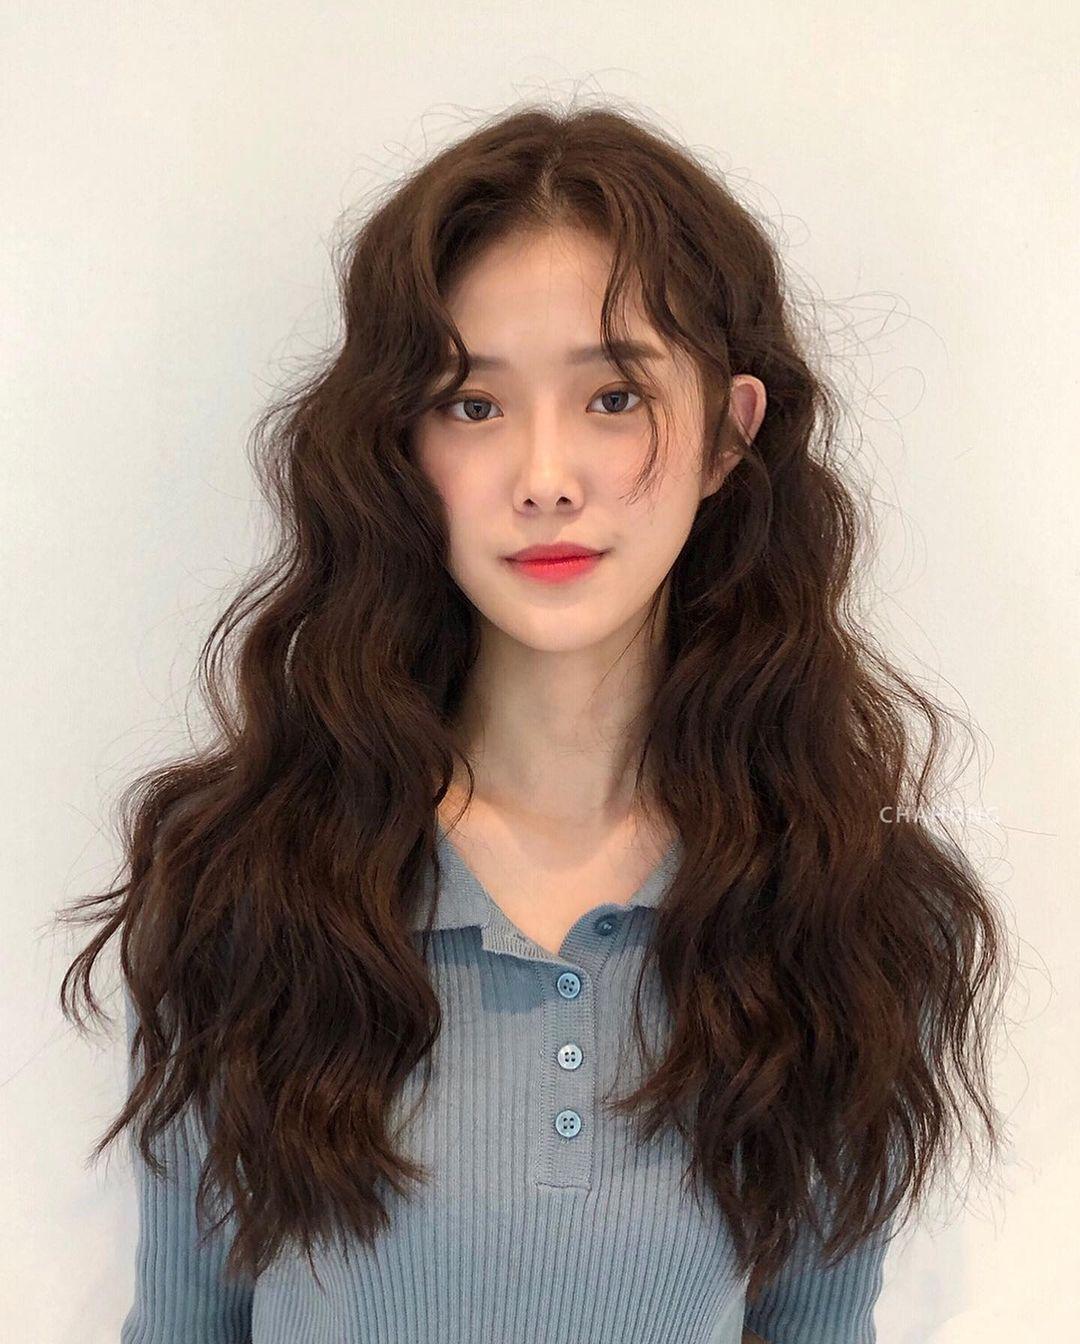 Thử nghiệm kiểu tóc xoăn hot năm nay, 3 cô nàng đơ người vì thà để lại tóc cũ còn đẹp hơn! 6